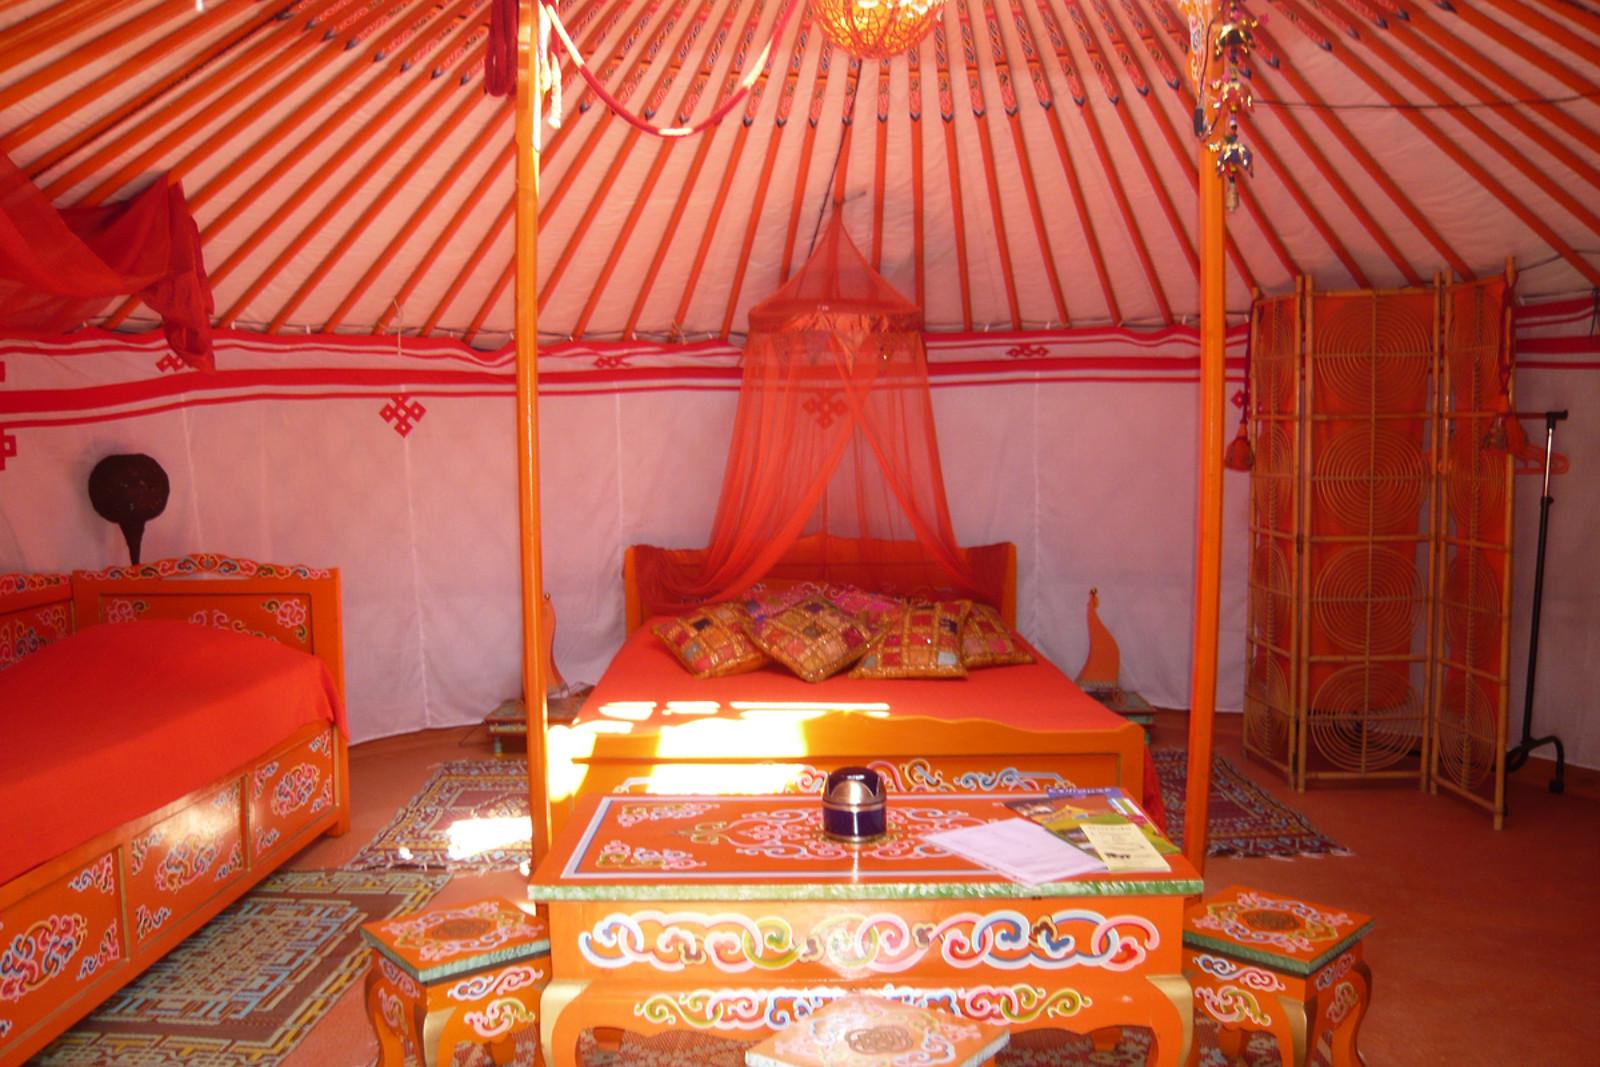 S jour pour 2 au soleil mongol sorede 66 wonderbox - Wonderbox sejour prestige table d hotes ...